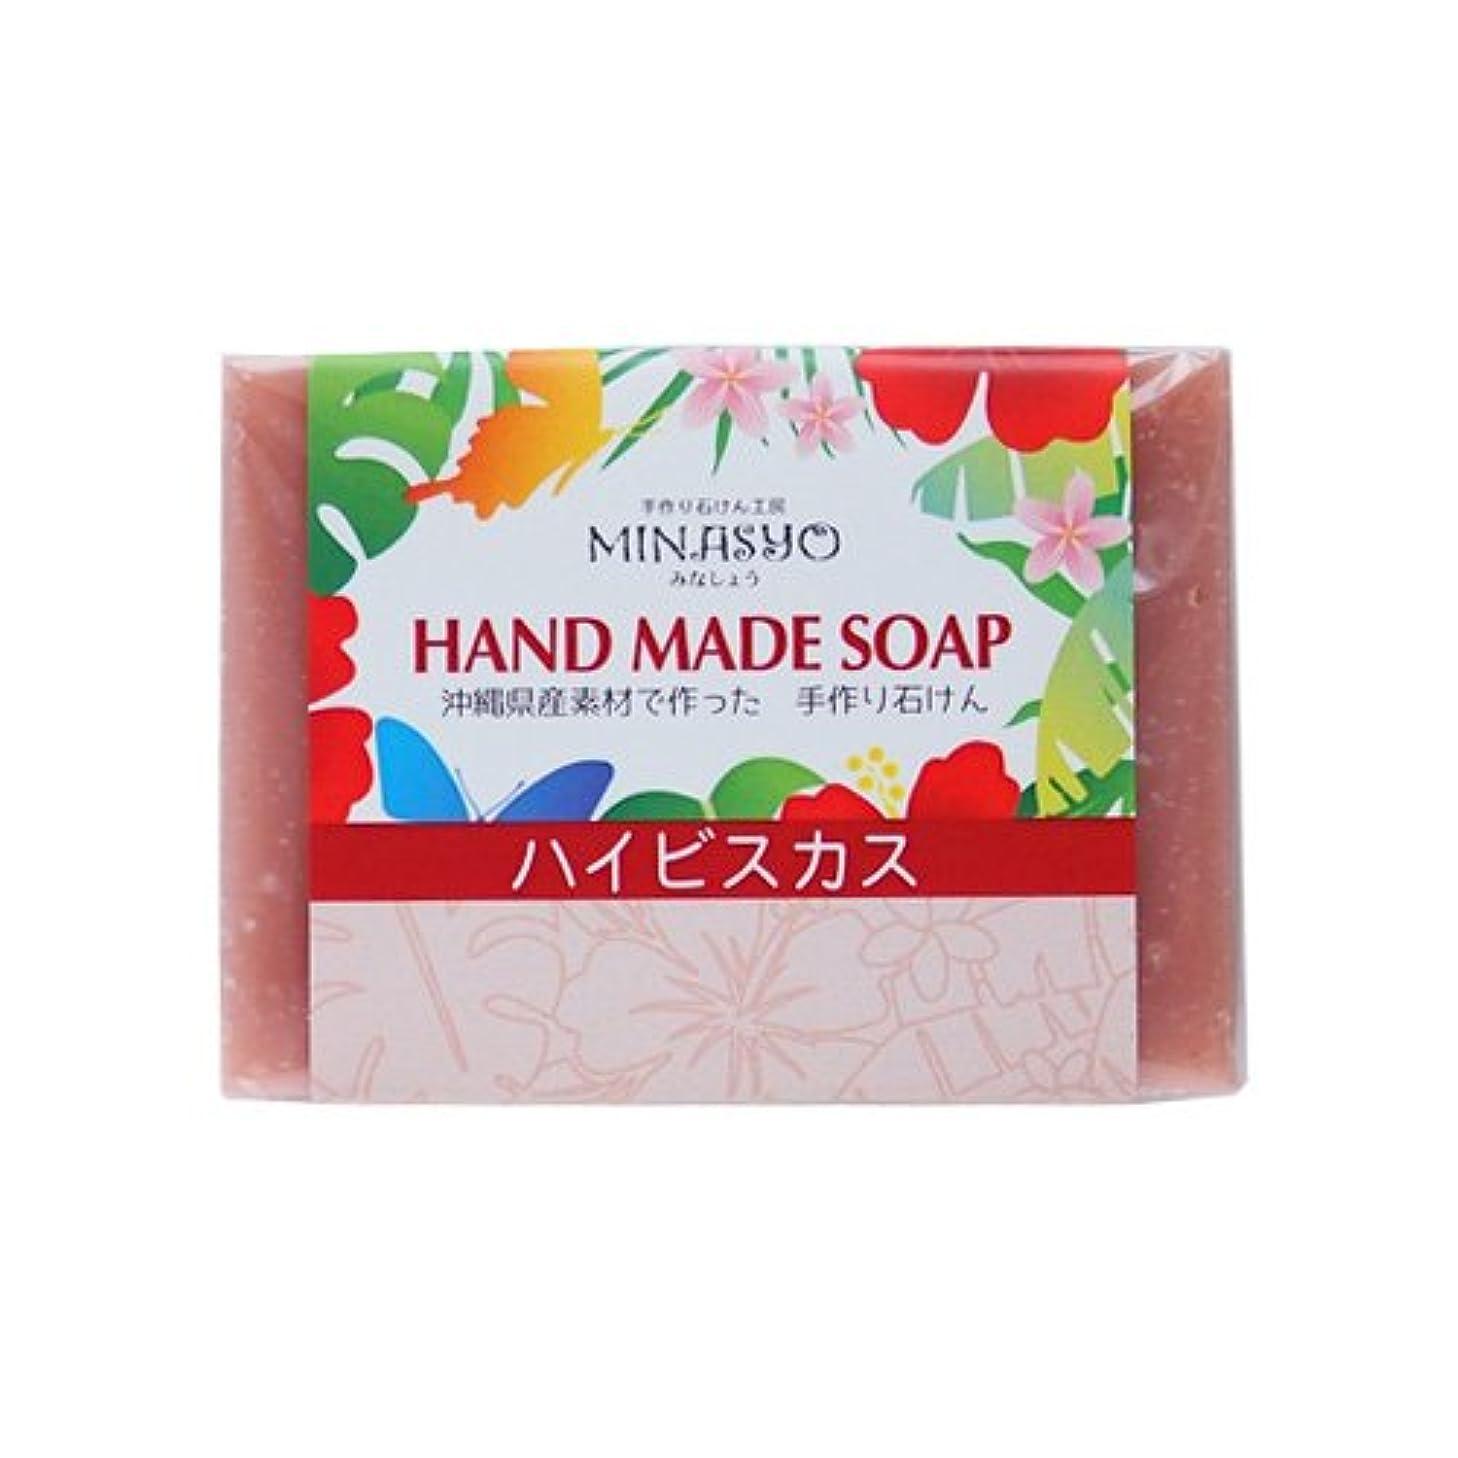 ワイプ速記測るピンククレイ 洗顔石鹸 無添加 固形 毛穴ケア 手作りローゼル石鹸